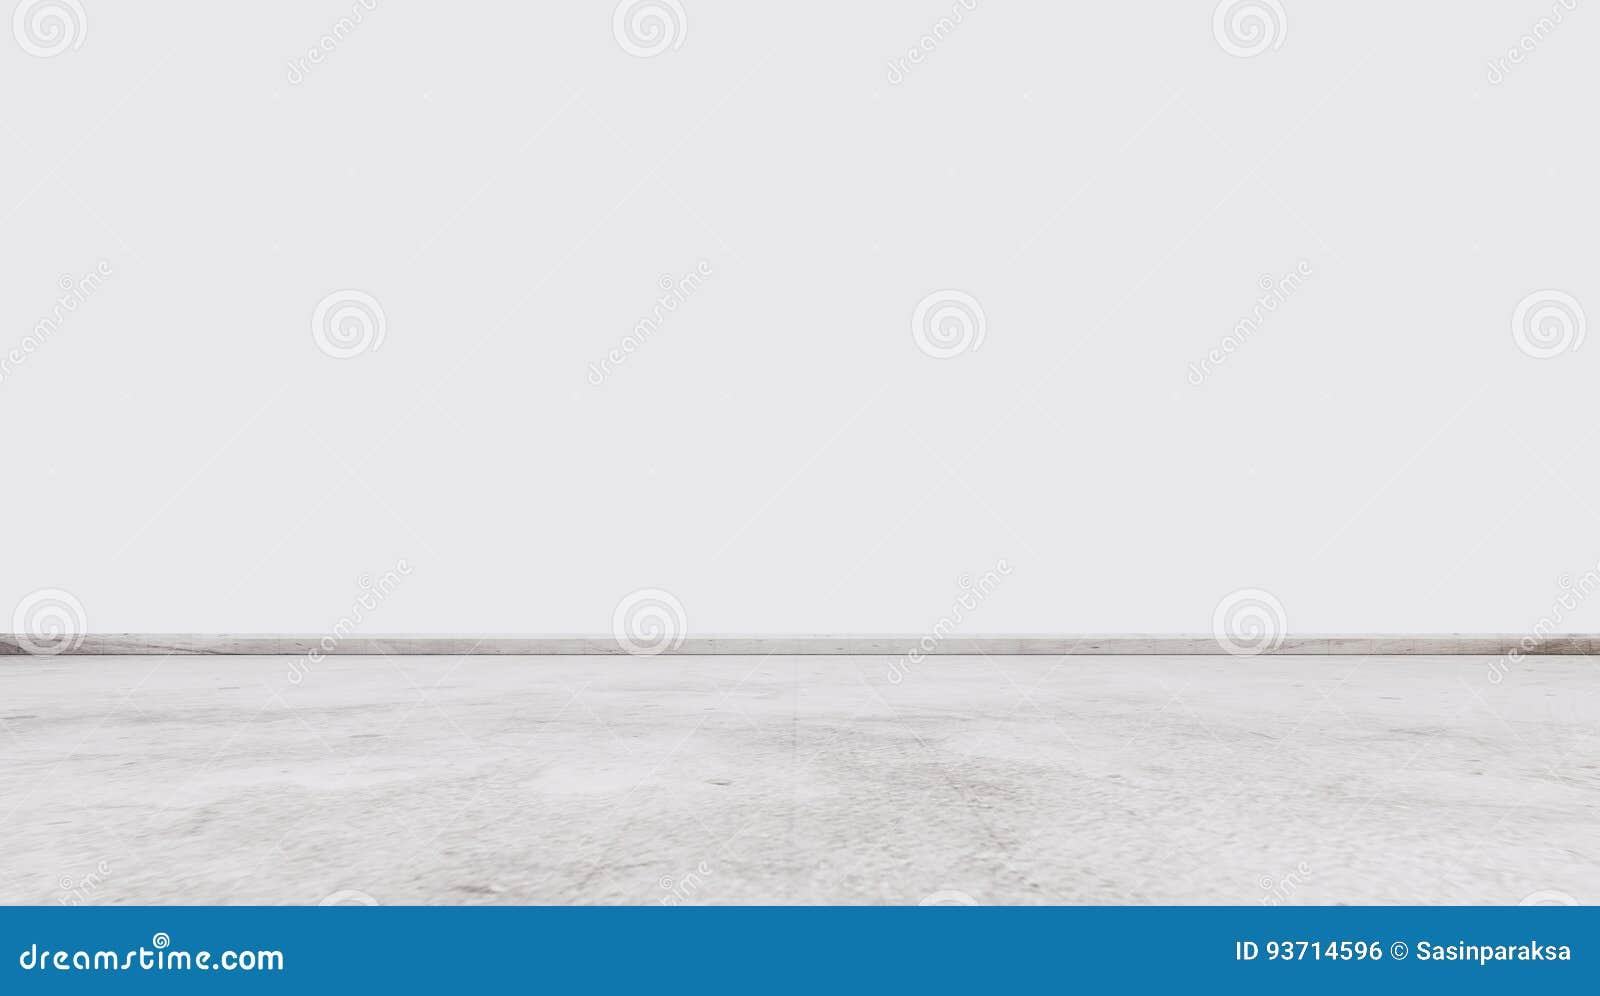 Piso de piedra de mármol blanco con la pared blanca, espacio vacío interior